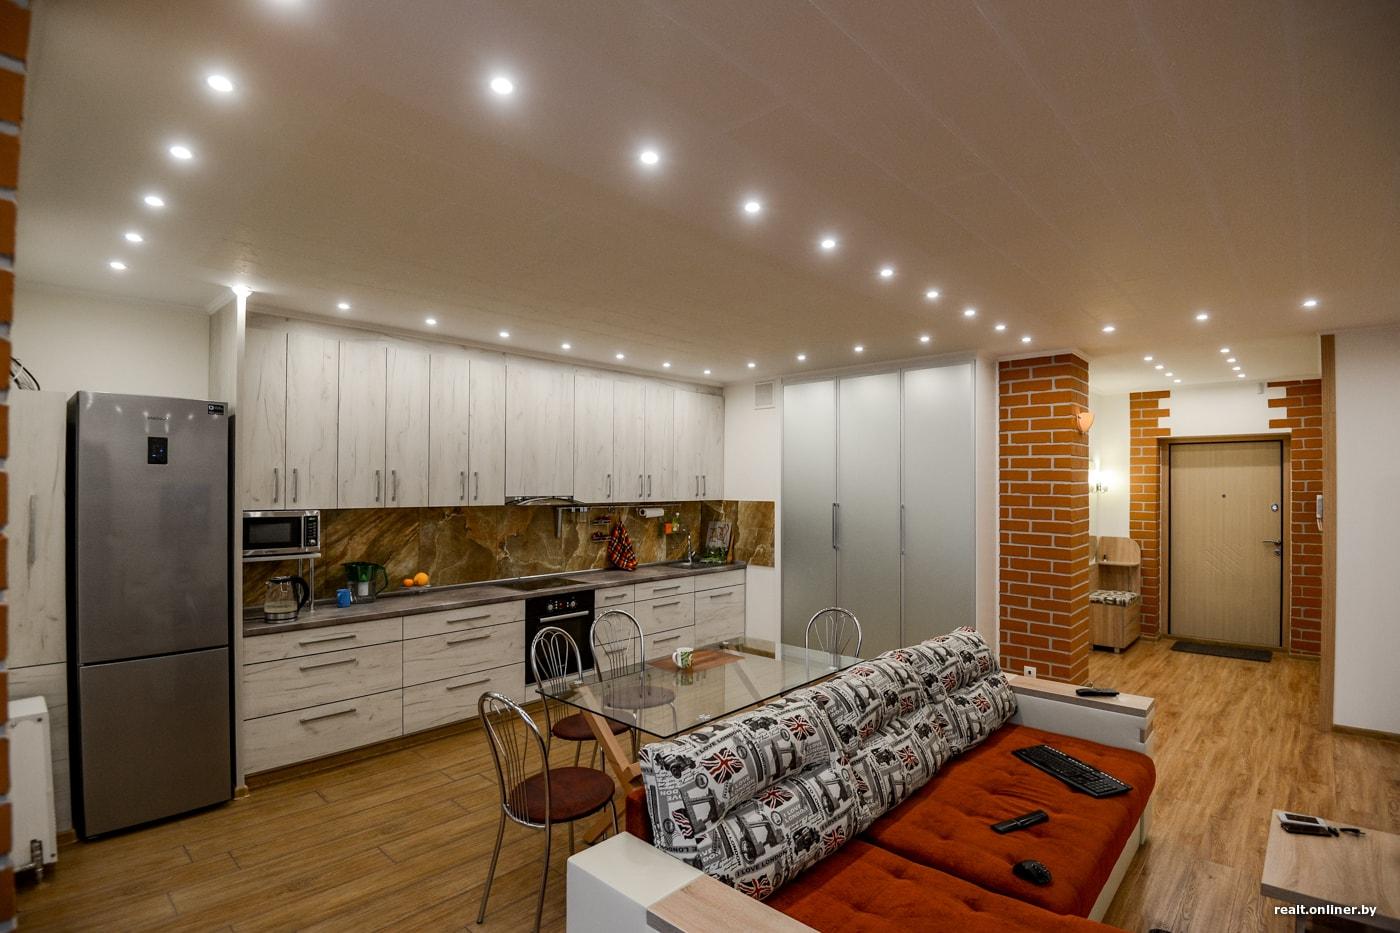 66f4d41399df Из всей мебели, которая есть в квартире, купить пришлось только диван в  гостиную, который обошелся в 1200 рублей.